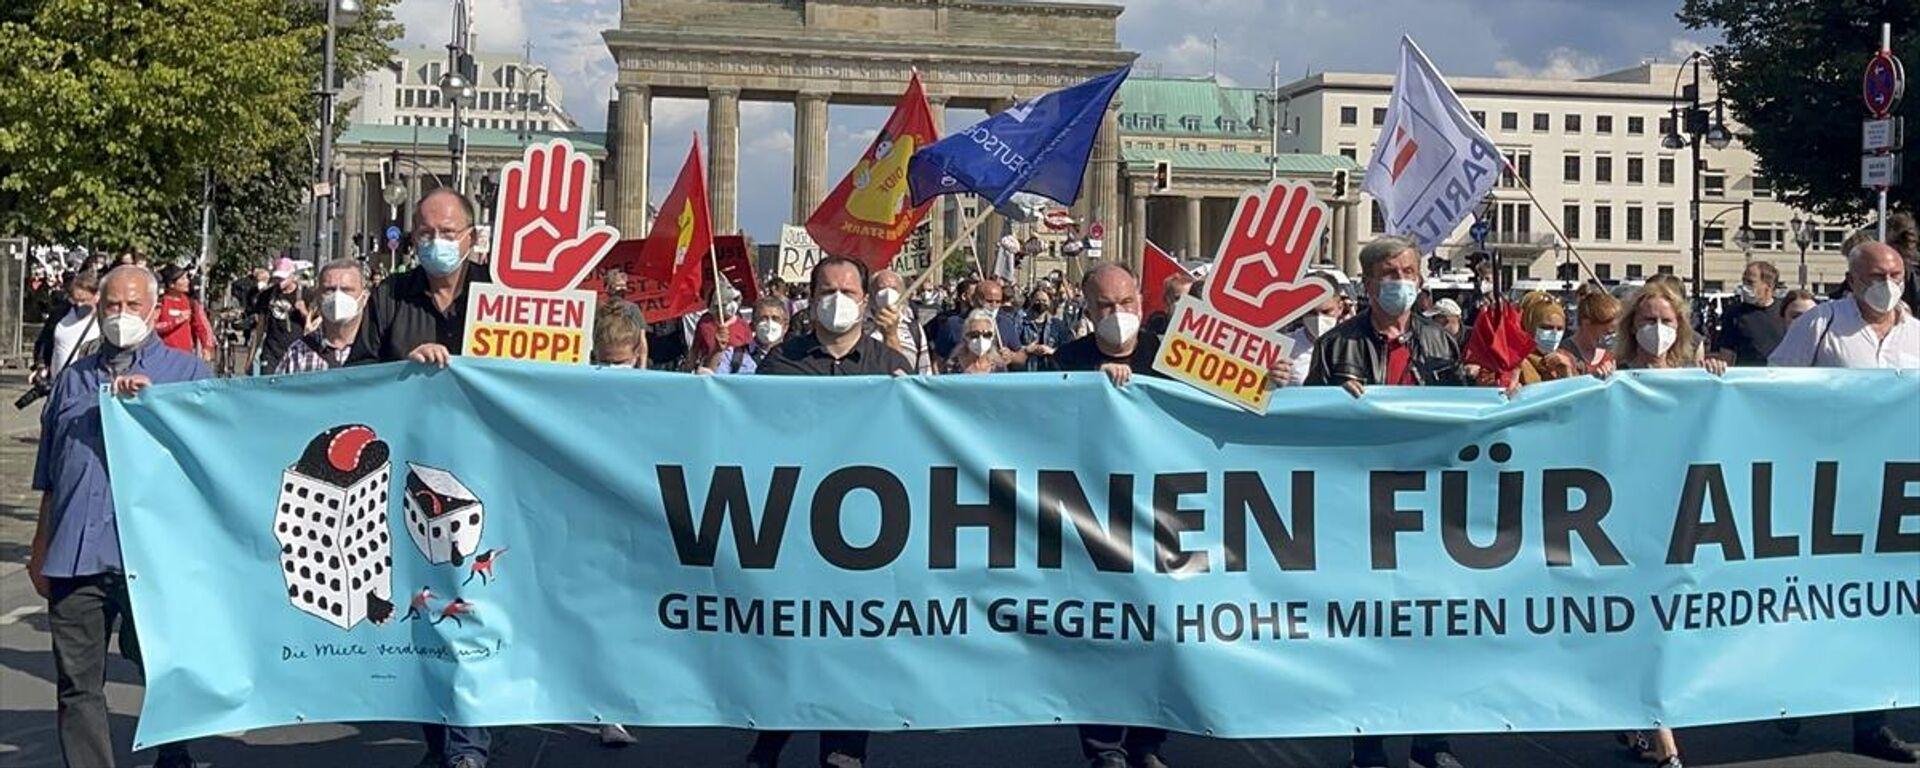 Almanya'da artan konut fiyatları Berlin'de binlerce kişi tarafından protesto edildi - Sputnik Türkiye, 1920, 11.09.2021